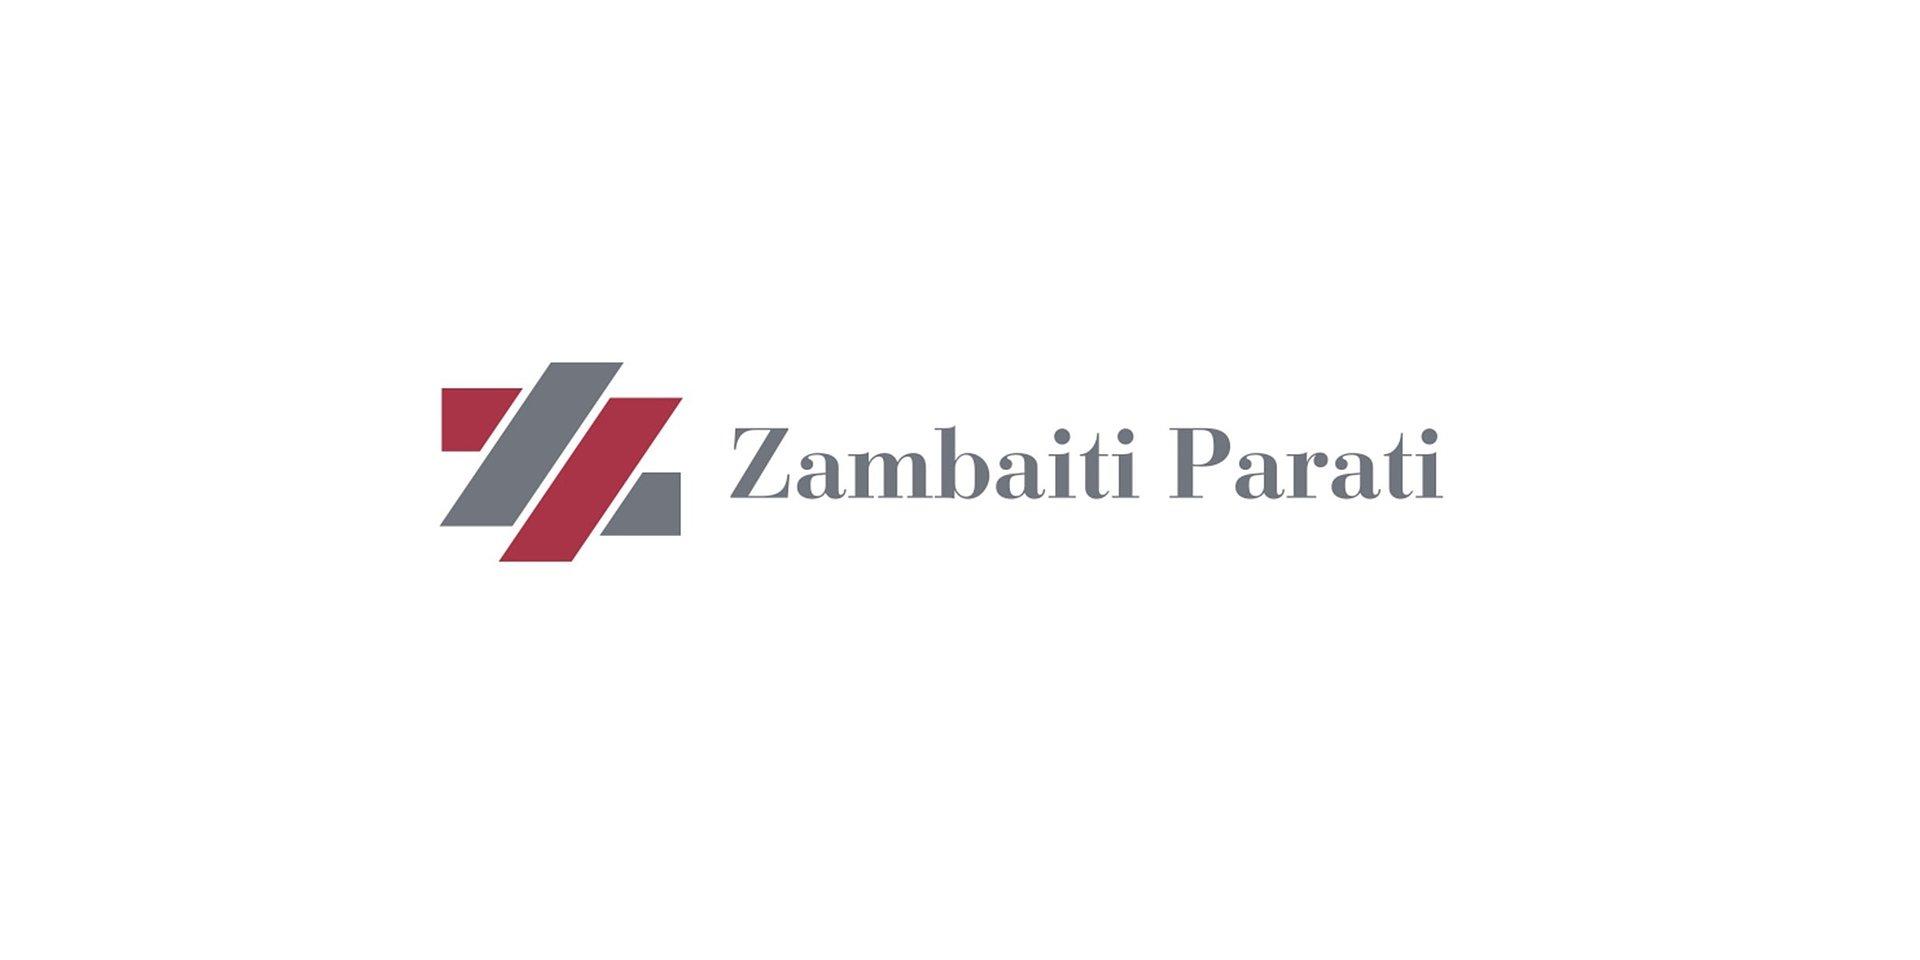 Zambaiti Parati: an Italian history between tradition and innovation